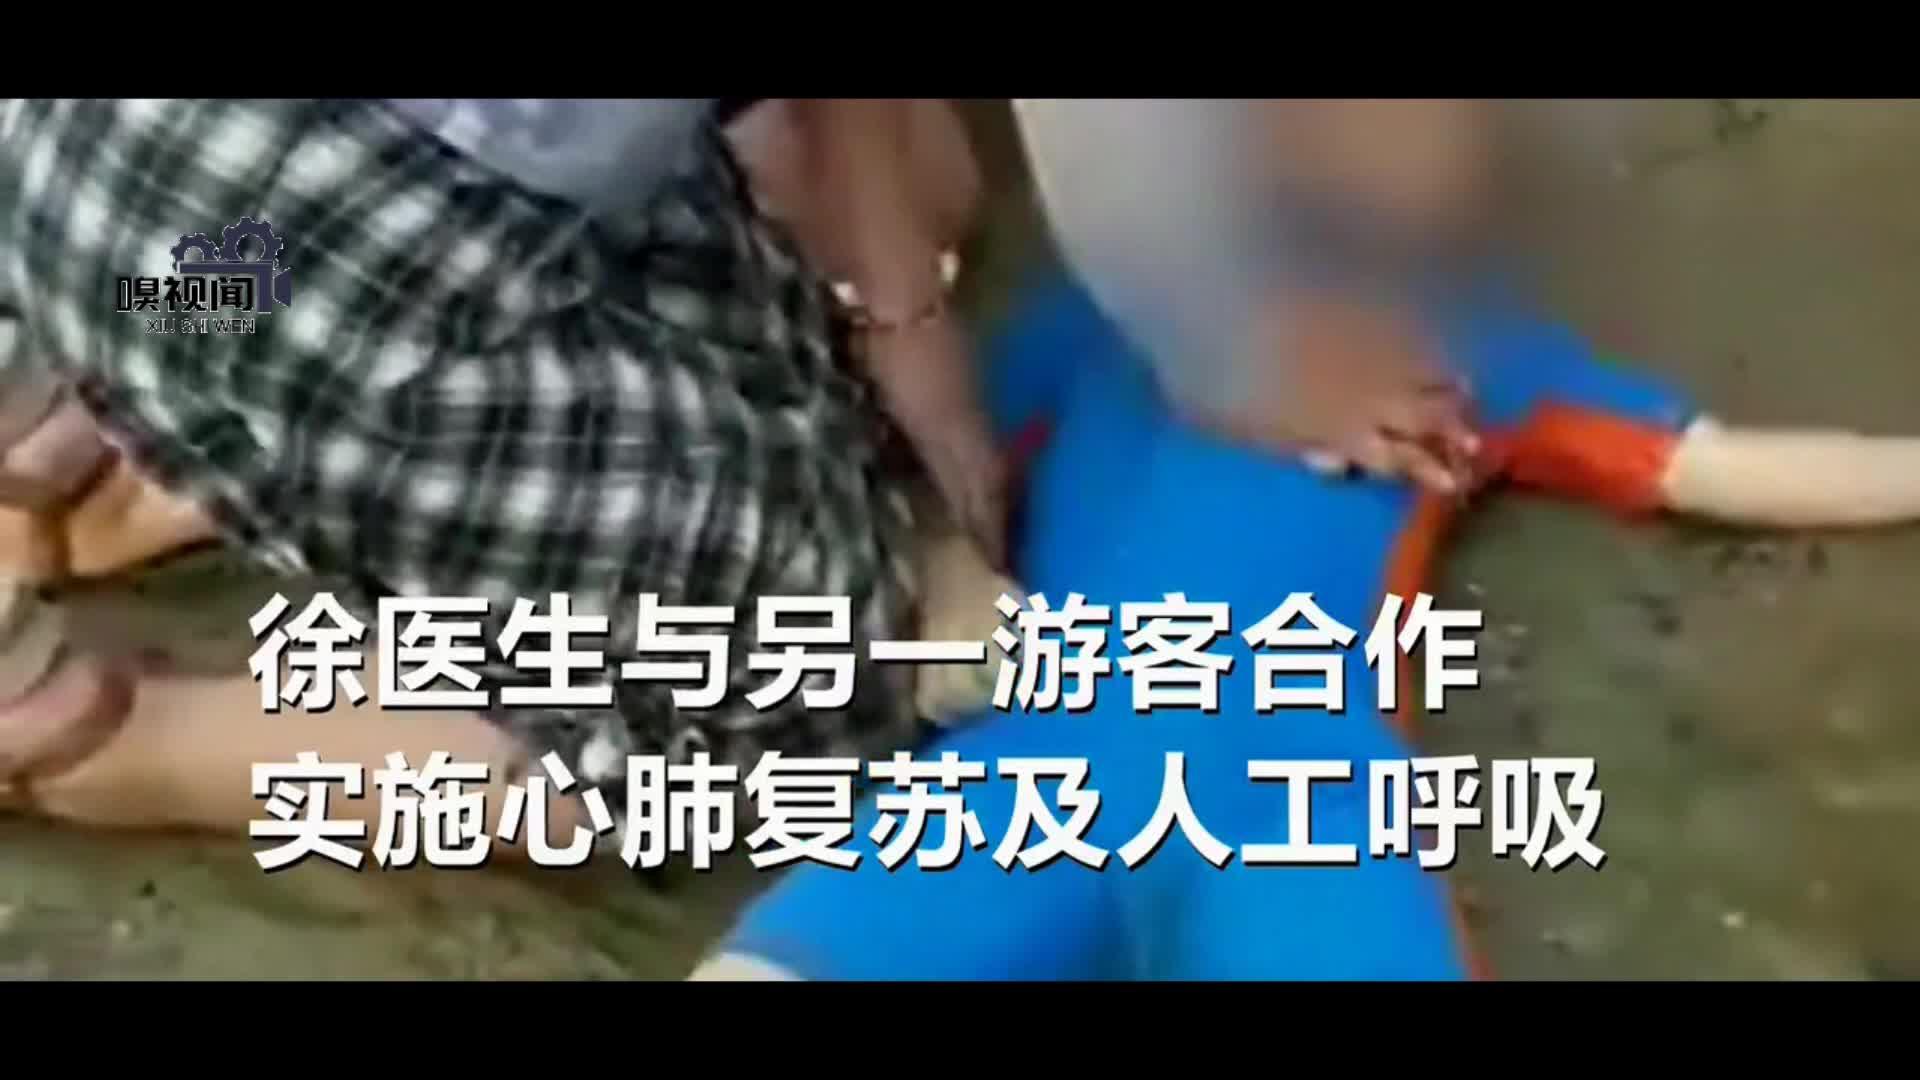 山东威海:男童溺水心跳骤停,度假医生跪地急救半小时